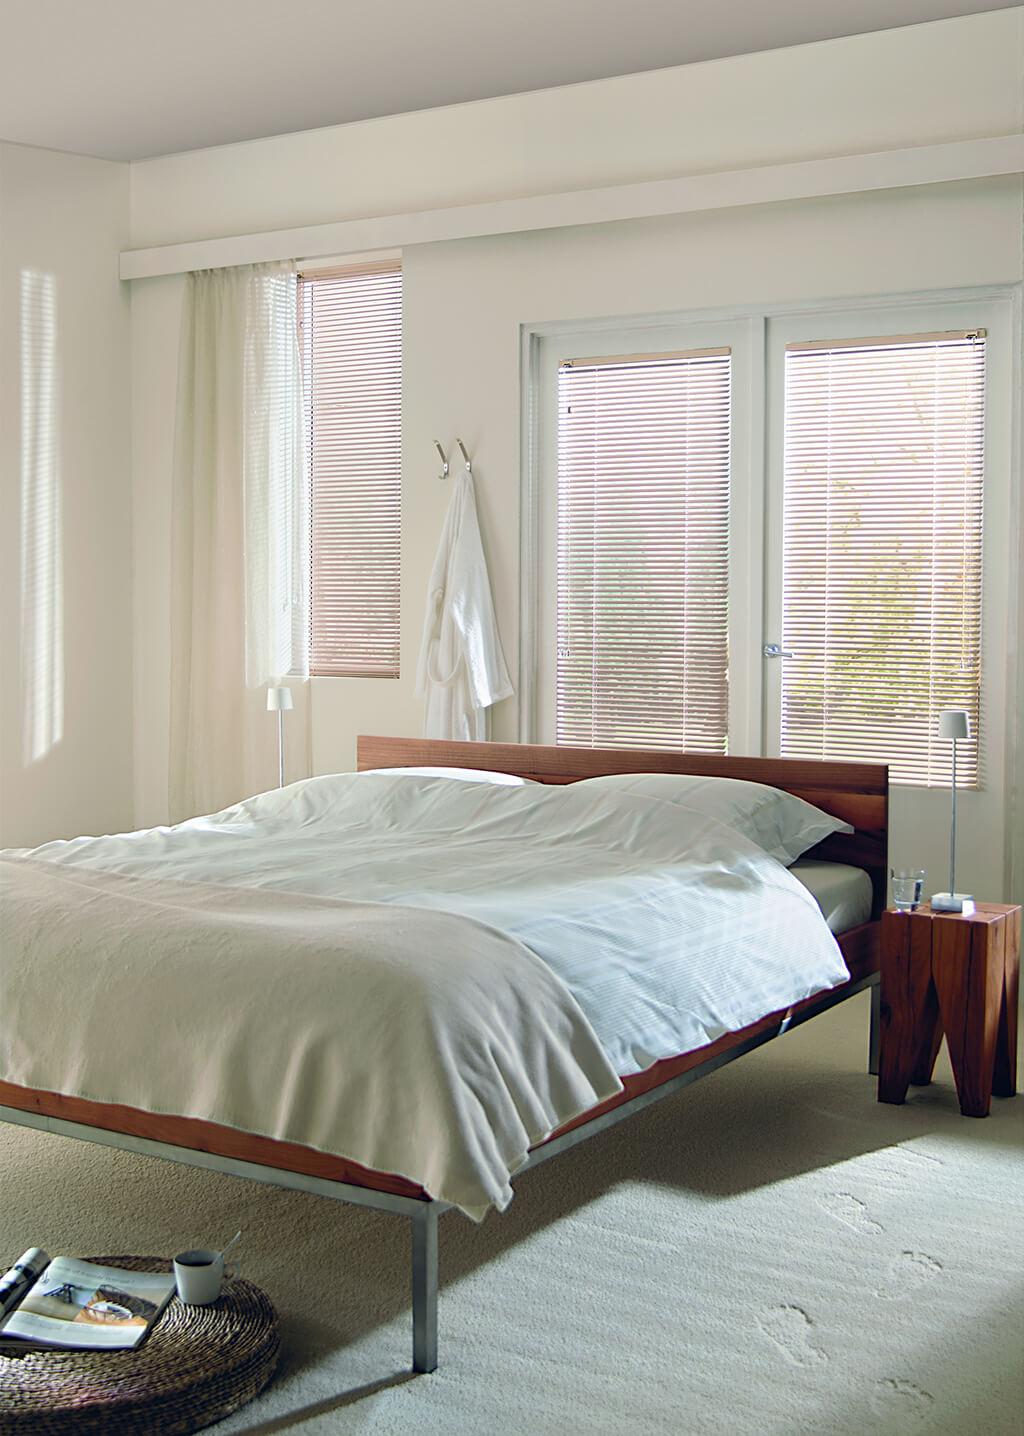 Rollos für schlafzimmer  Schlafzimmer verdunkeln - für Sichtschutz und Ruhe